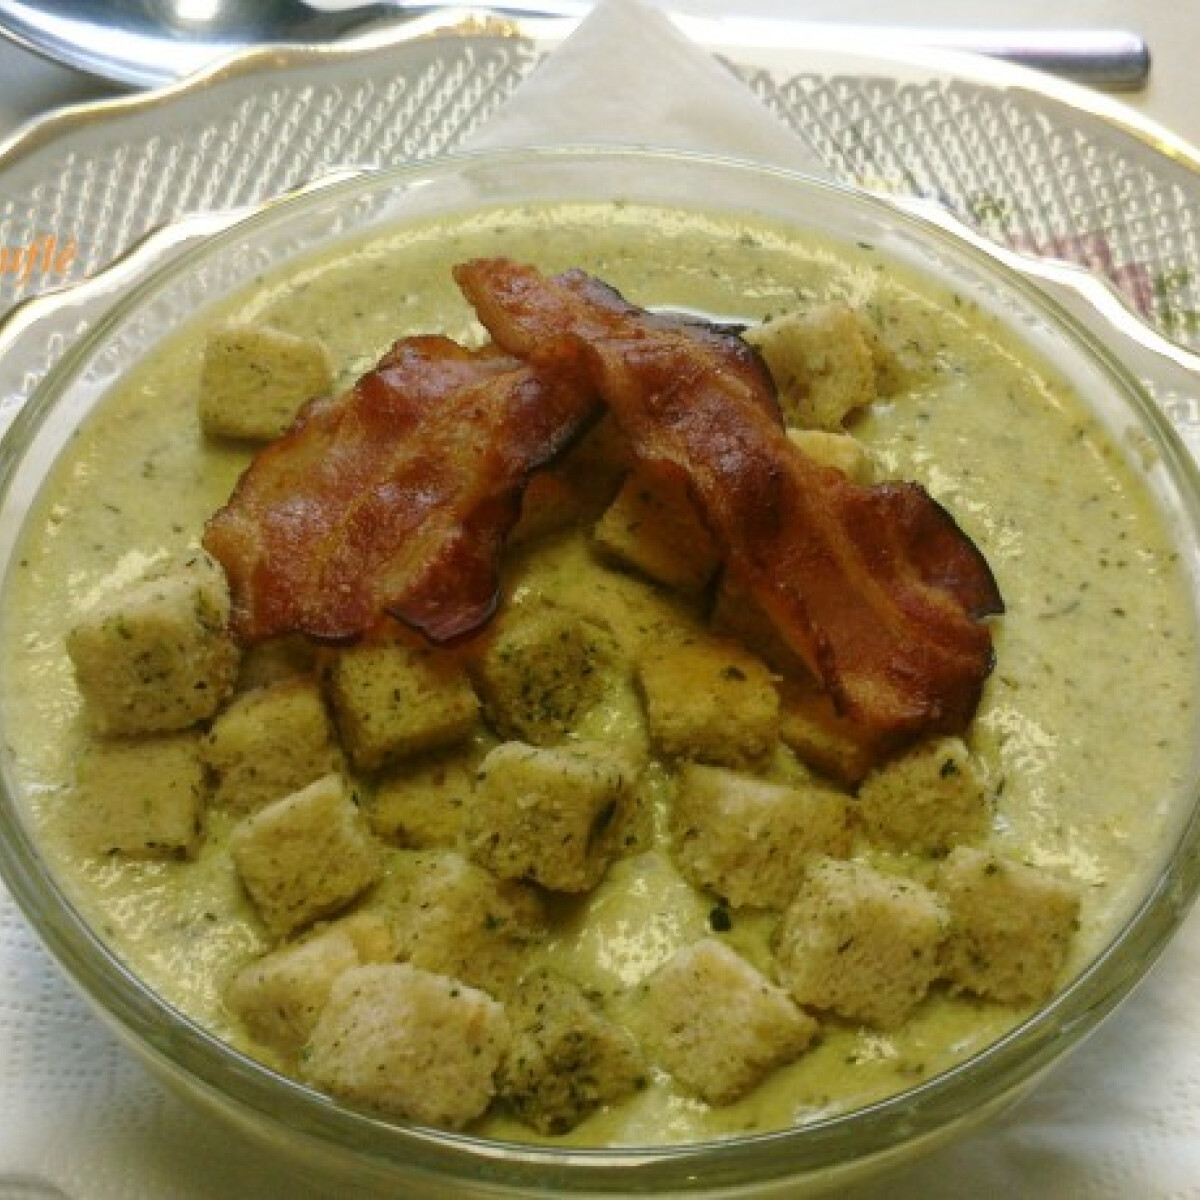 Ezen a képen: Kovászosuborka-krémleves baconchips-szel